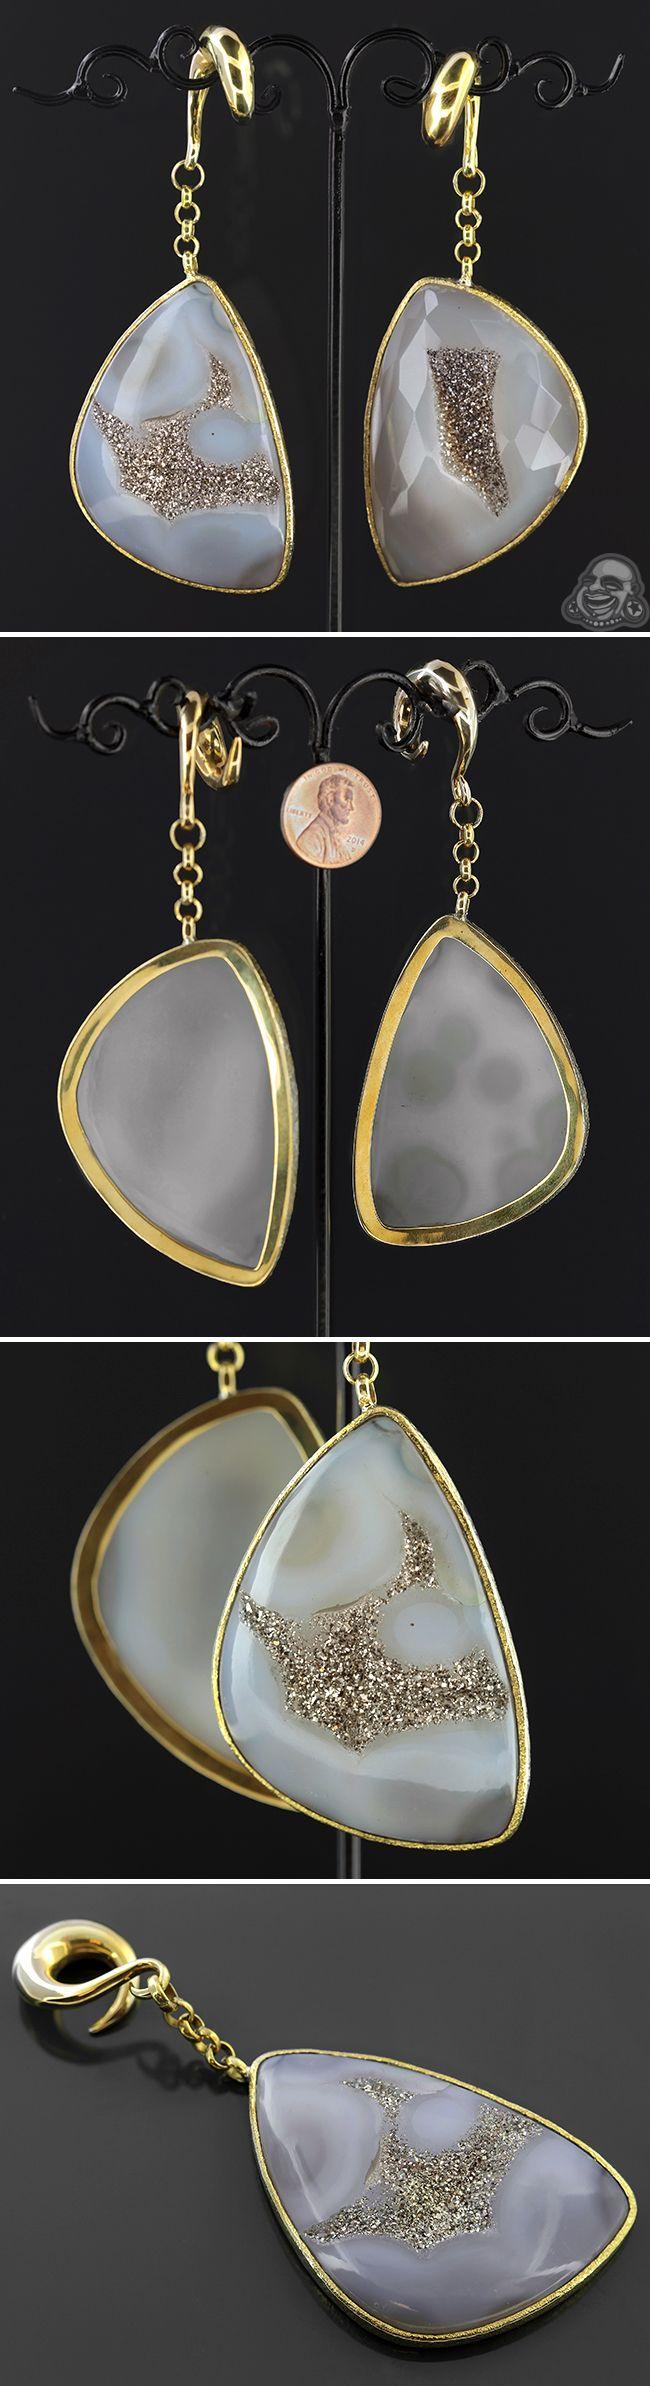 Jewelry amp watches gt fashion jewelry gt body jewelry gt body piercing - Solid Brass Druzy Weights